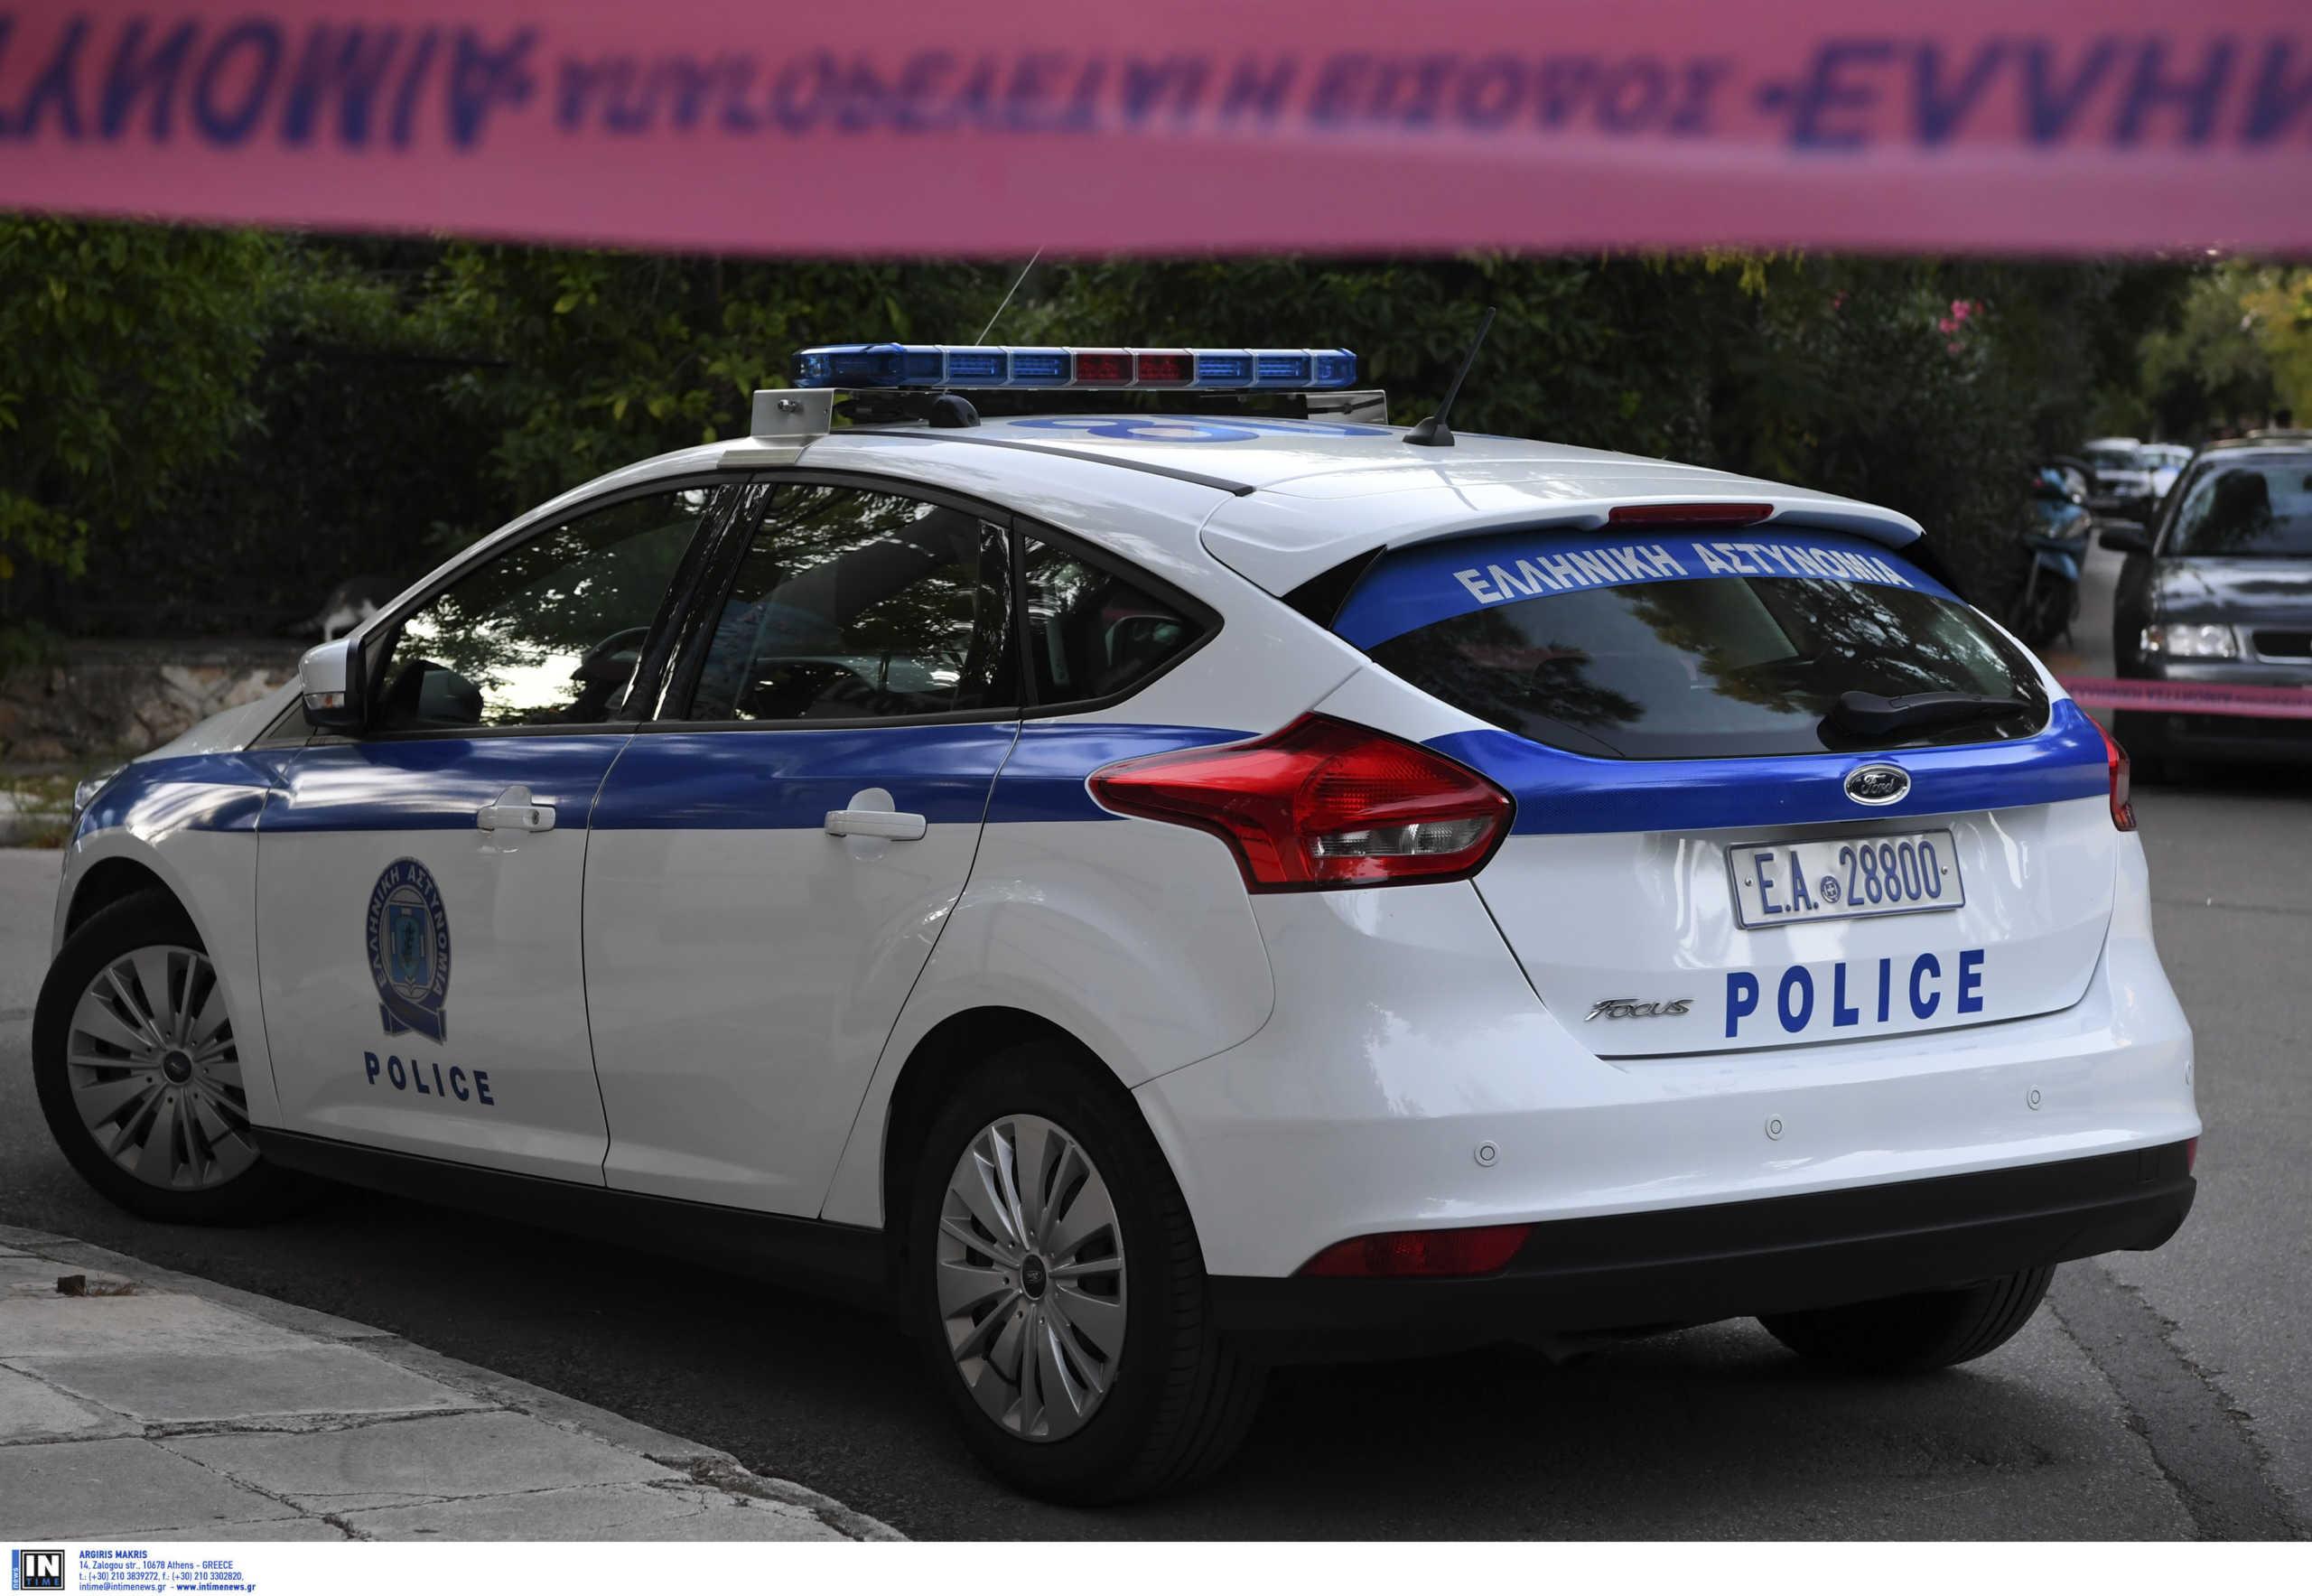 Ομόνοια: Εξαρθρώθηκε κύκλωμα που διακινούσε παράνομα μετανάστες με πλαστά ταξιδιωτικά έγγραφα